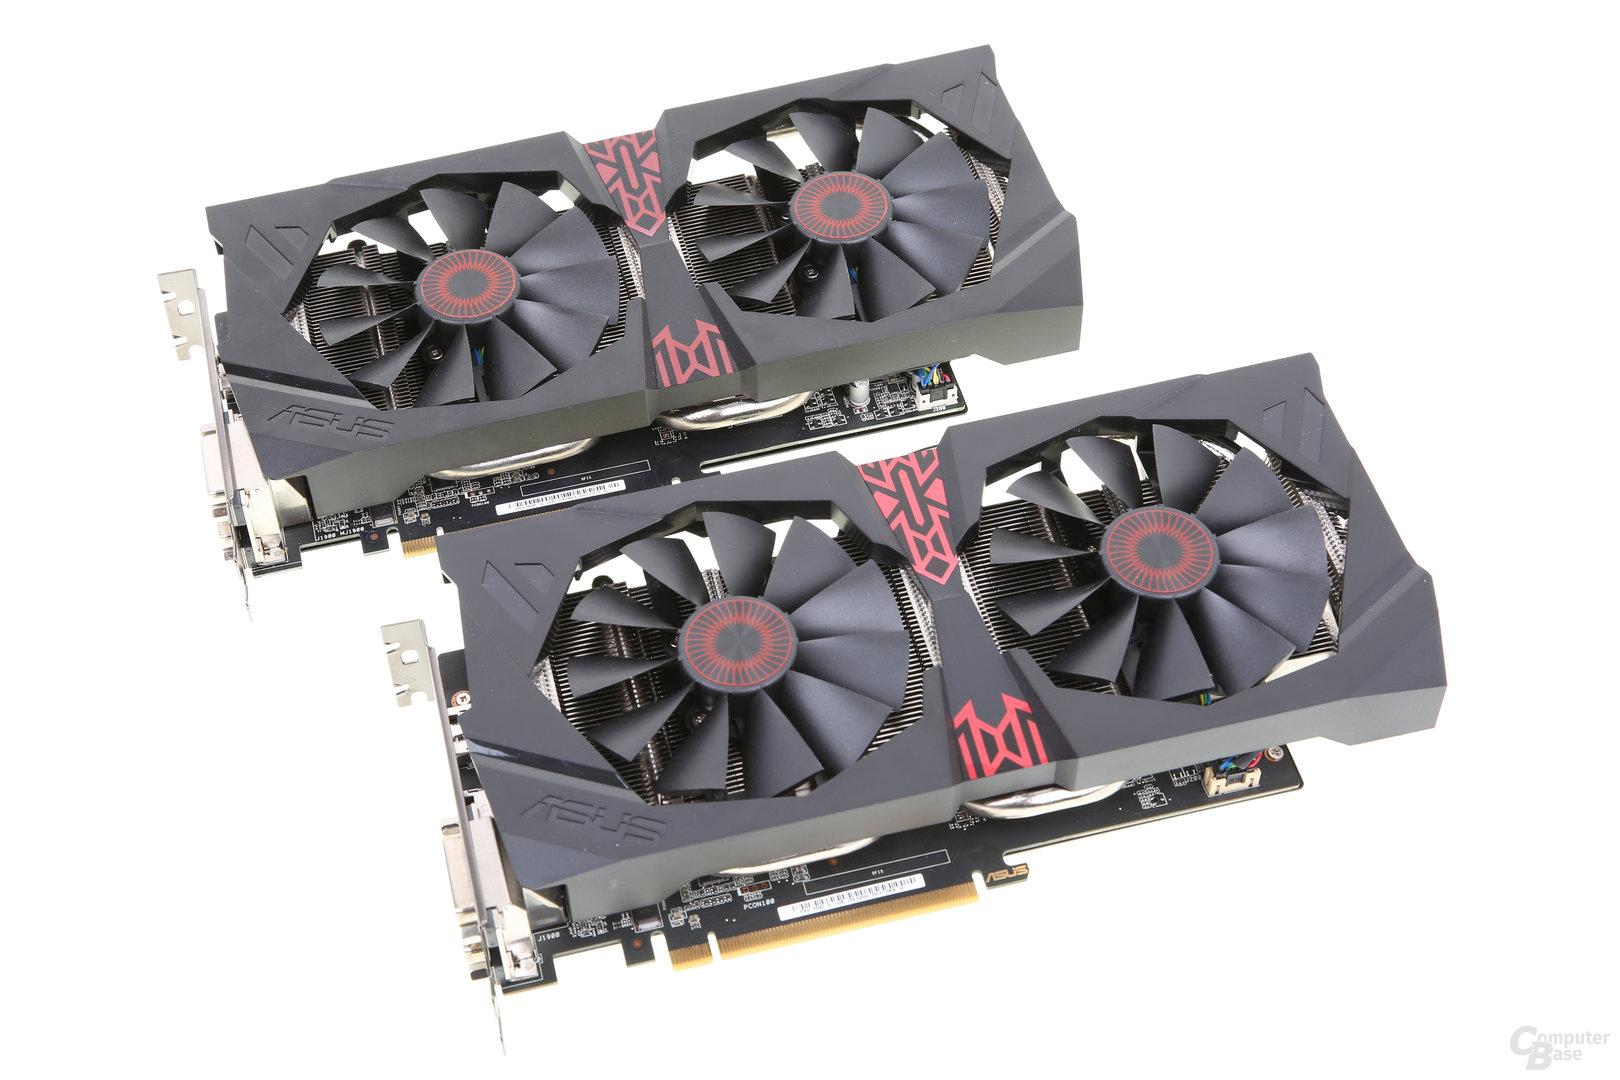 Asus Radeon R9 380 Strix (unten) und Asus Radeon R9 285 Strix (oben)